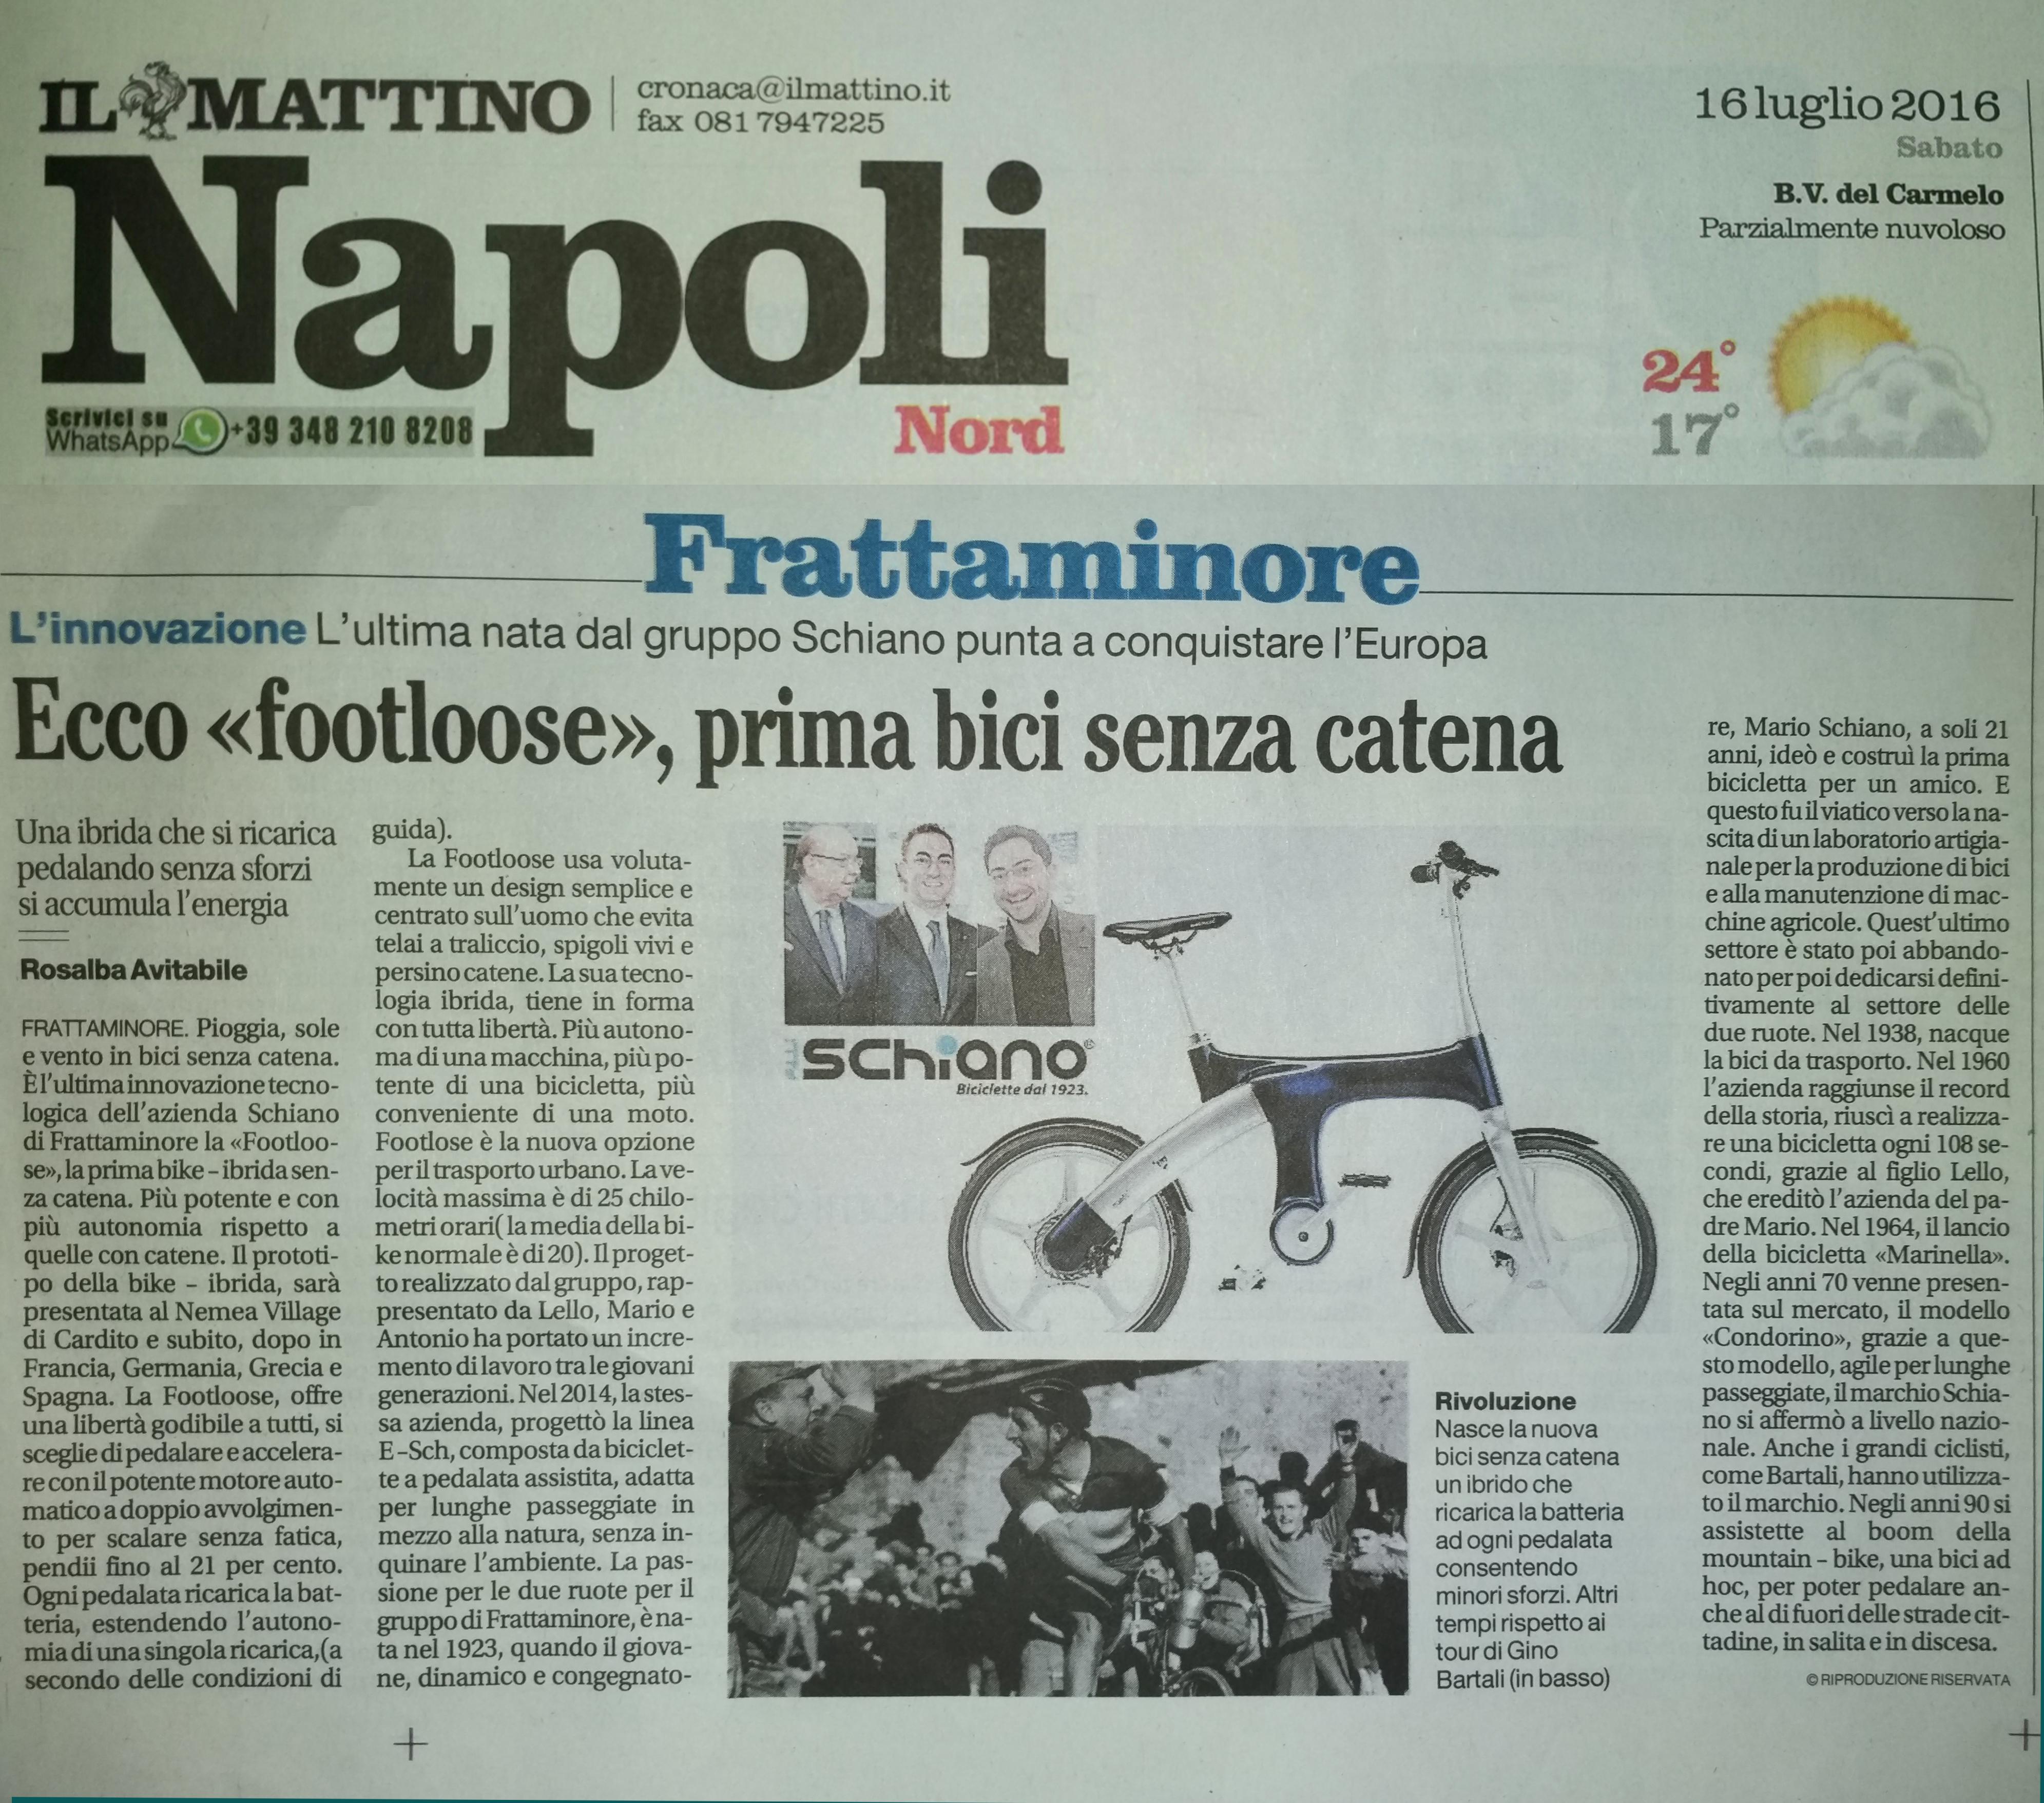 Articolo Del Mattino Di Napoli Sulle Nuove Attività Del Gruppo